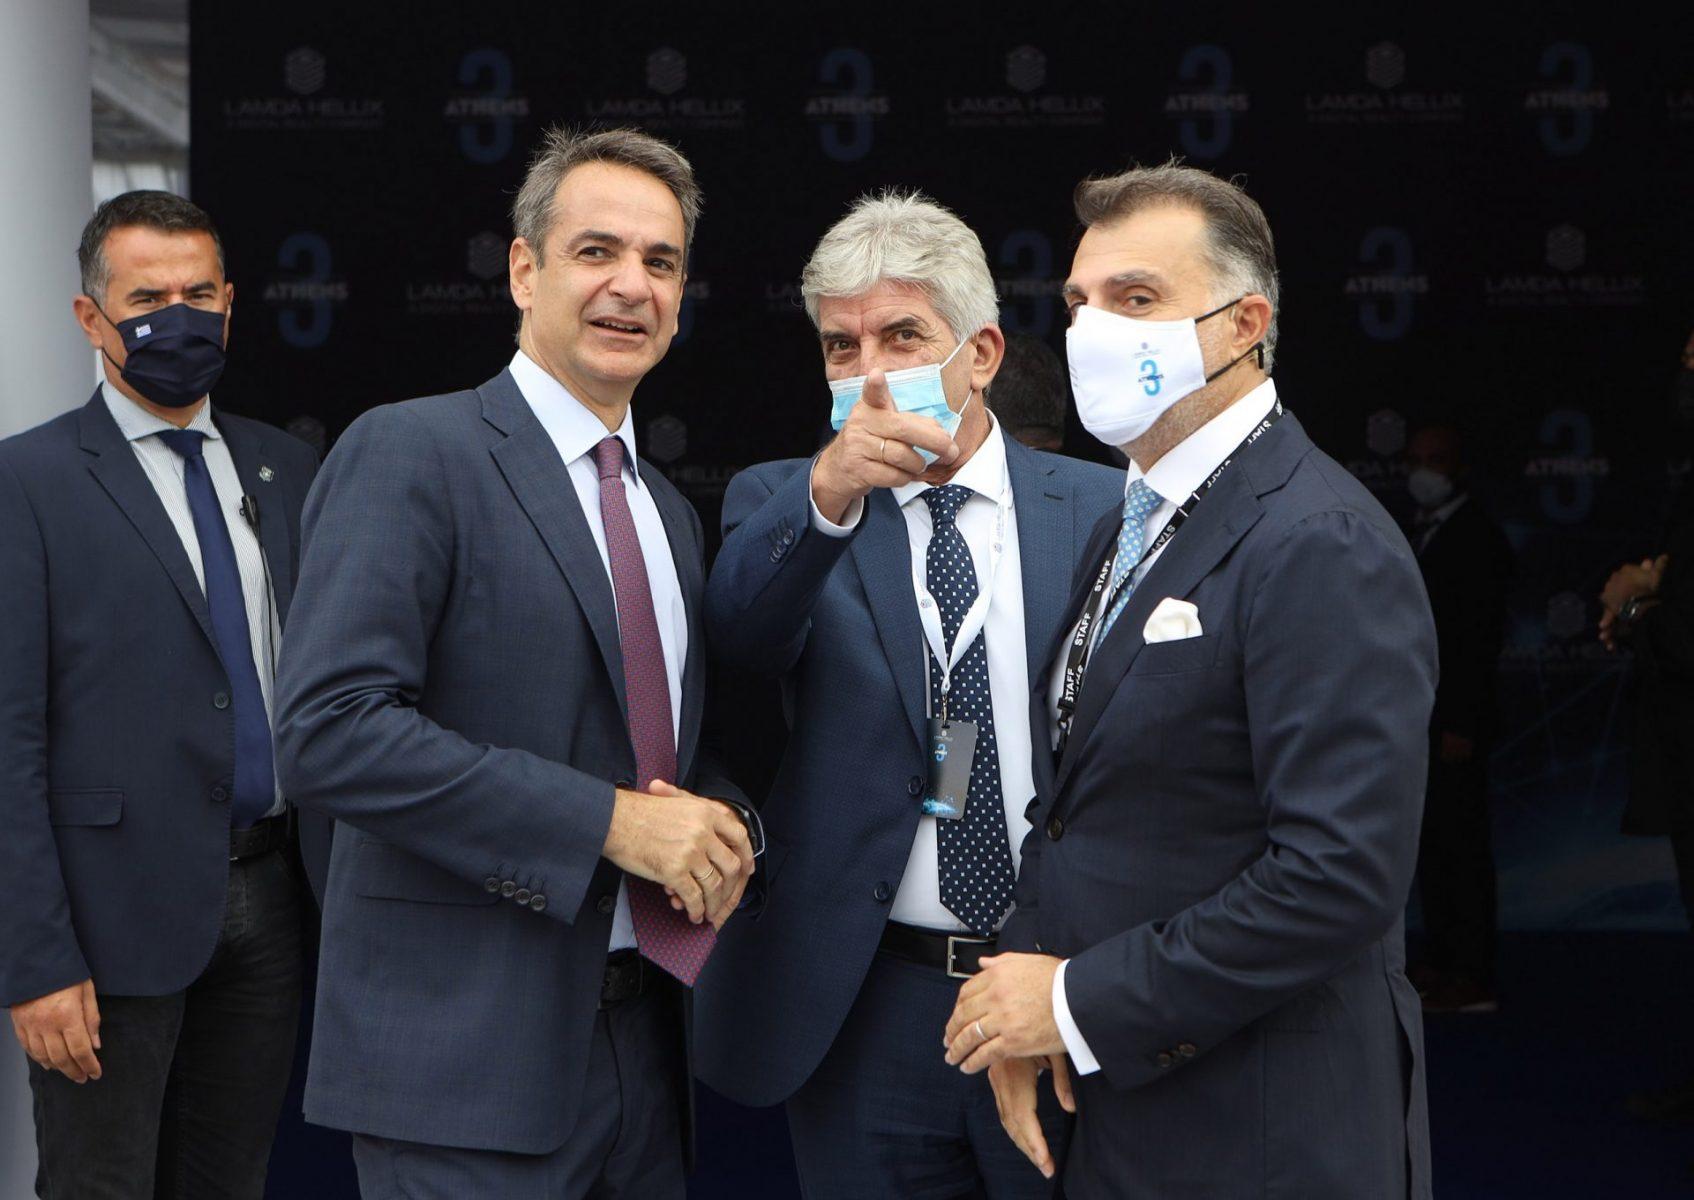 """Στα εγκαίνια θεμελίωσης της νέας μεγάλης επένδυσης της Lamda-Hellix(μέλους τους αμερικανικού ομίλου Digital Realty) στο Κορωπί στην οδό Ηφαίστου στη θέση """"Μπότα"""" ο Δήμαρχος Κρωπίας Δημήτριος Κιούσης μαζί με τον Πρωθυπουργό Κυριάκο Μητσοτάκη και Υπουργούς της Κυβέρνησης"""